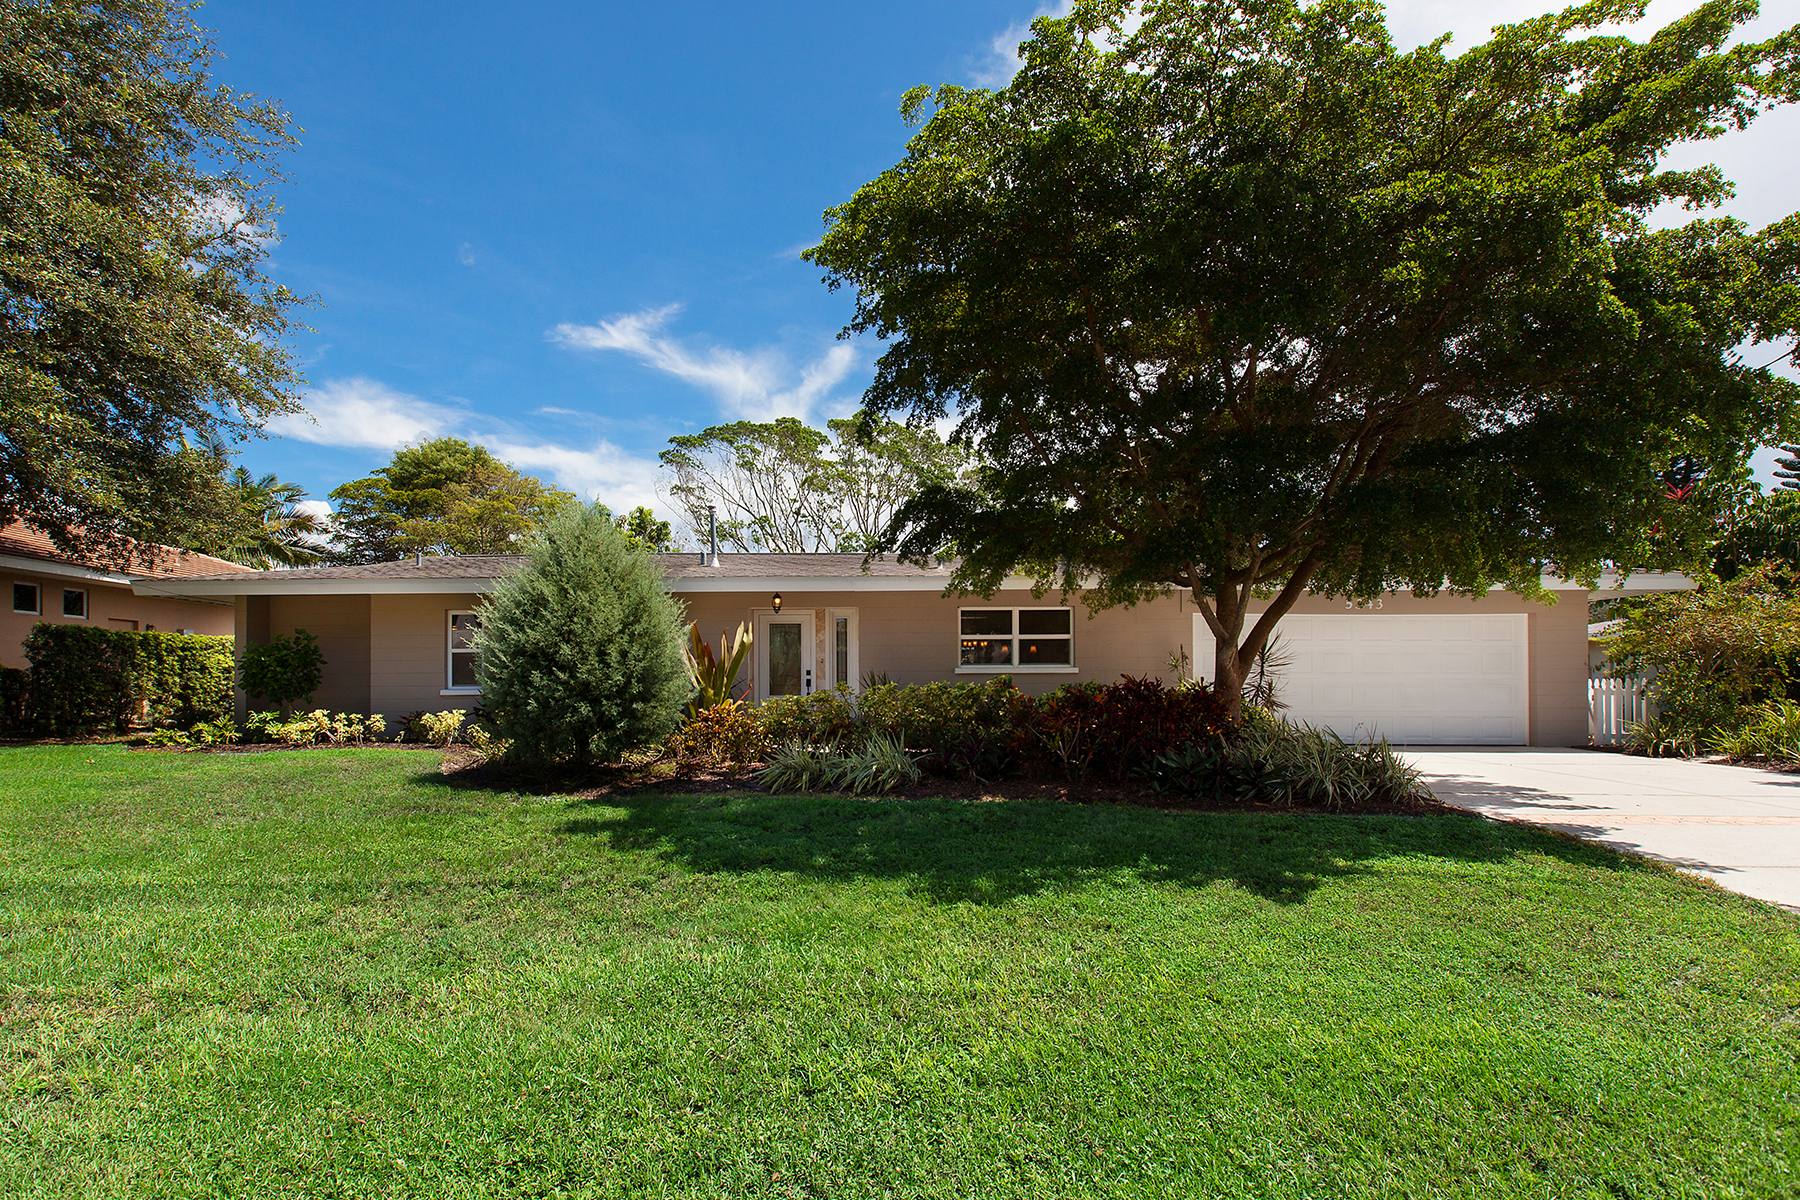 Nhà ở một gia đình vì Bán tại RIVER FOREST 5343 Palos Verdes Dr Sarasota, Florida, 34231 Hoa Kỳ